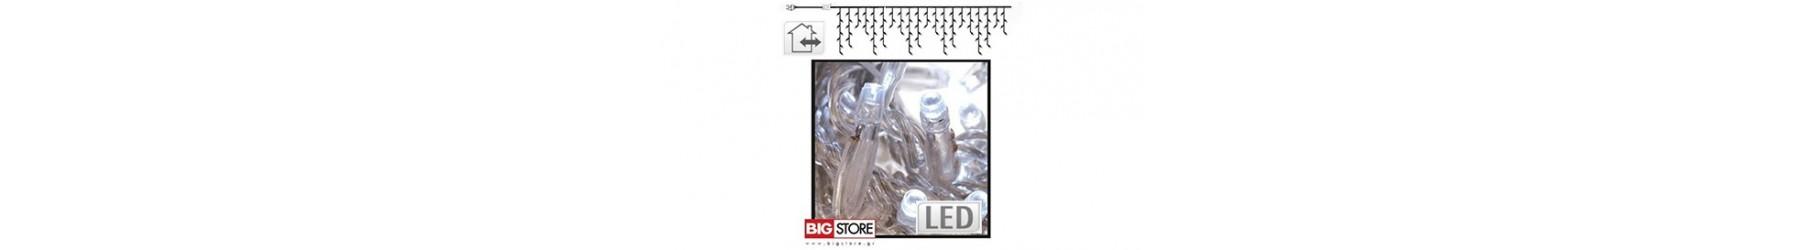 Κουρτίνες LED ασύμμετρες για Χριστουγγενιάτικη διακόσμηση